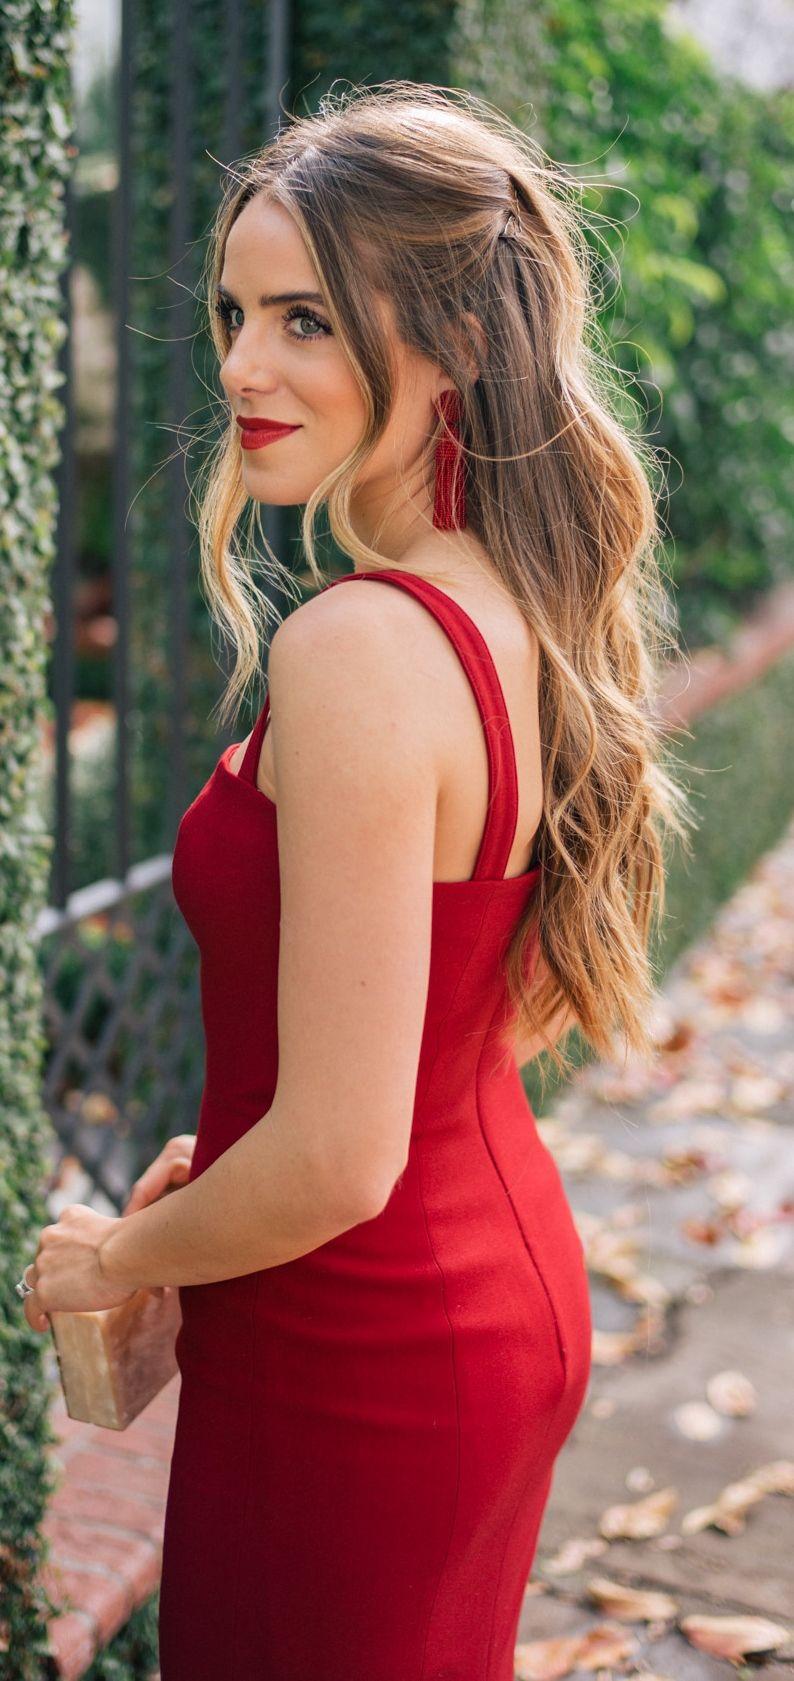 the red dress | makeup | pinterest | red dress makeup, dress